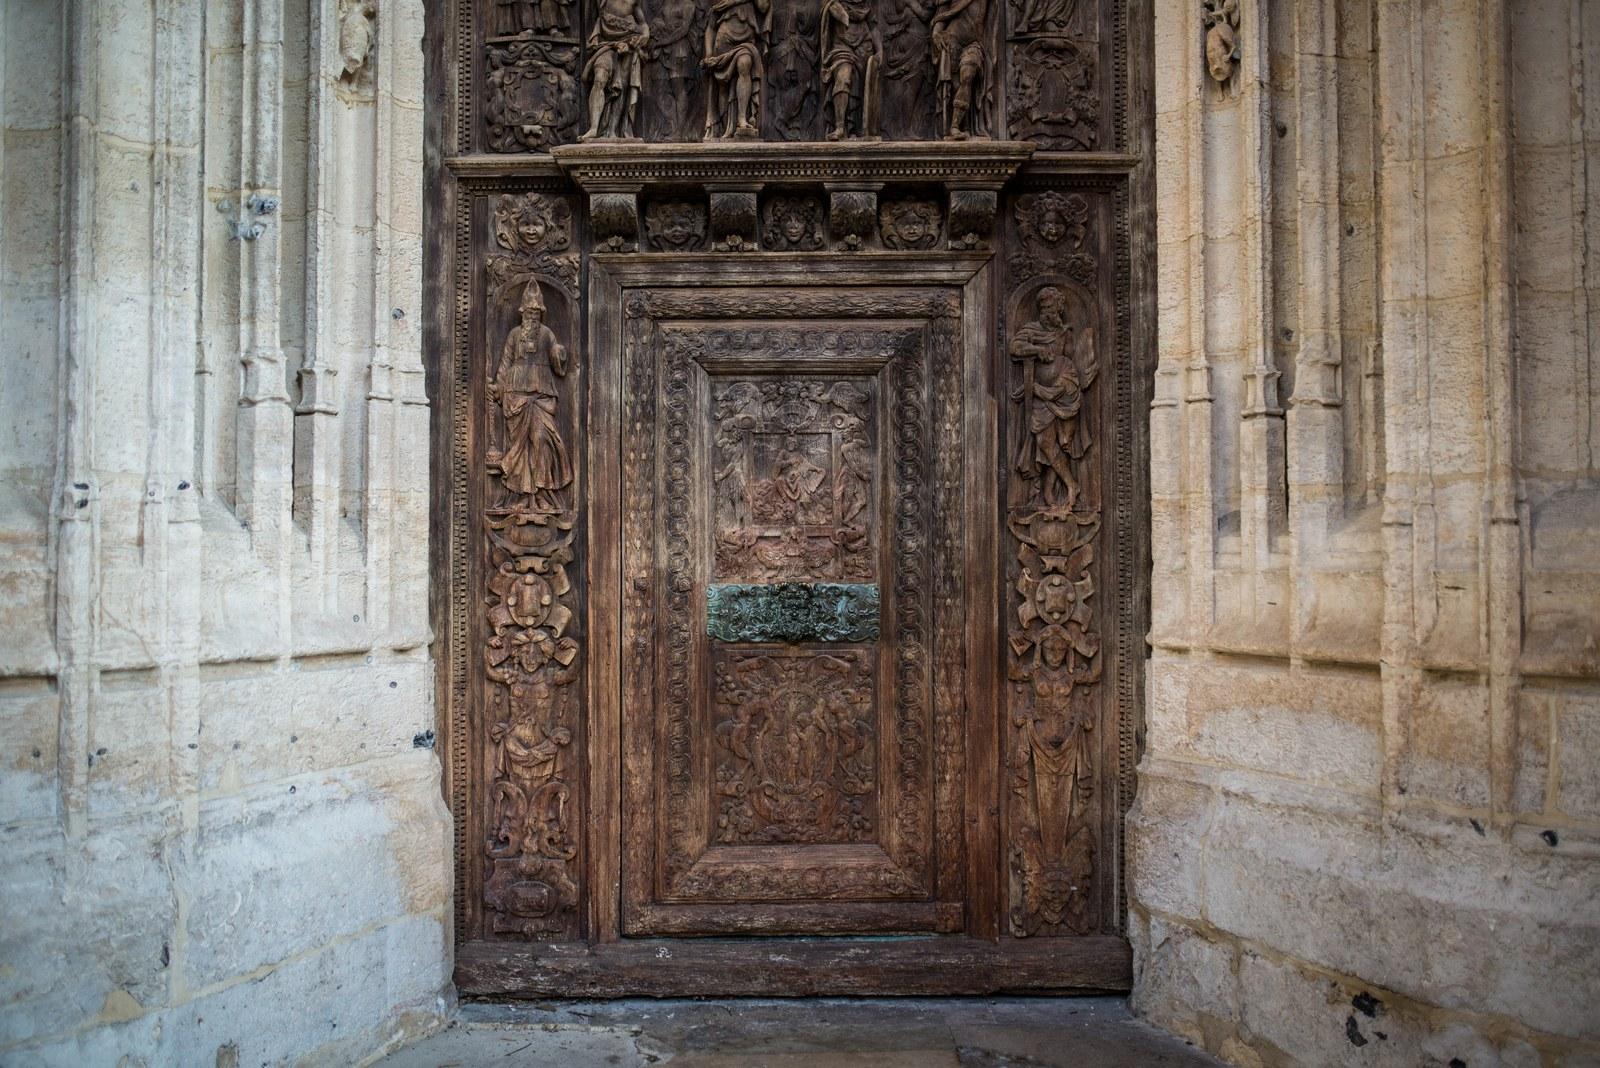 Saurez vous retrouver la gravure coquine ? Église Saint-Maclou